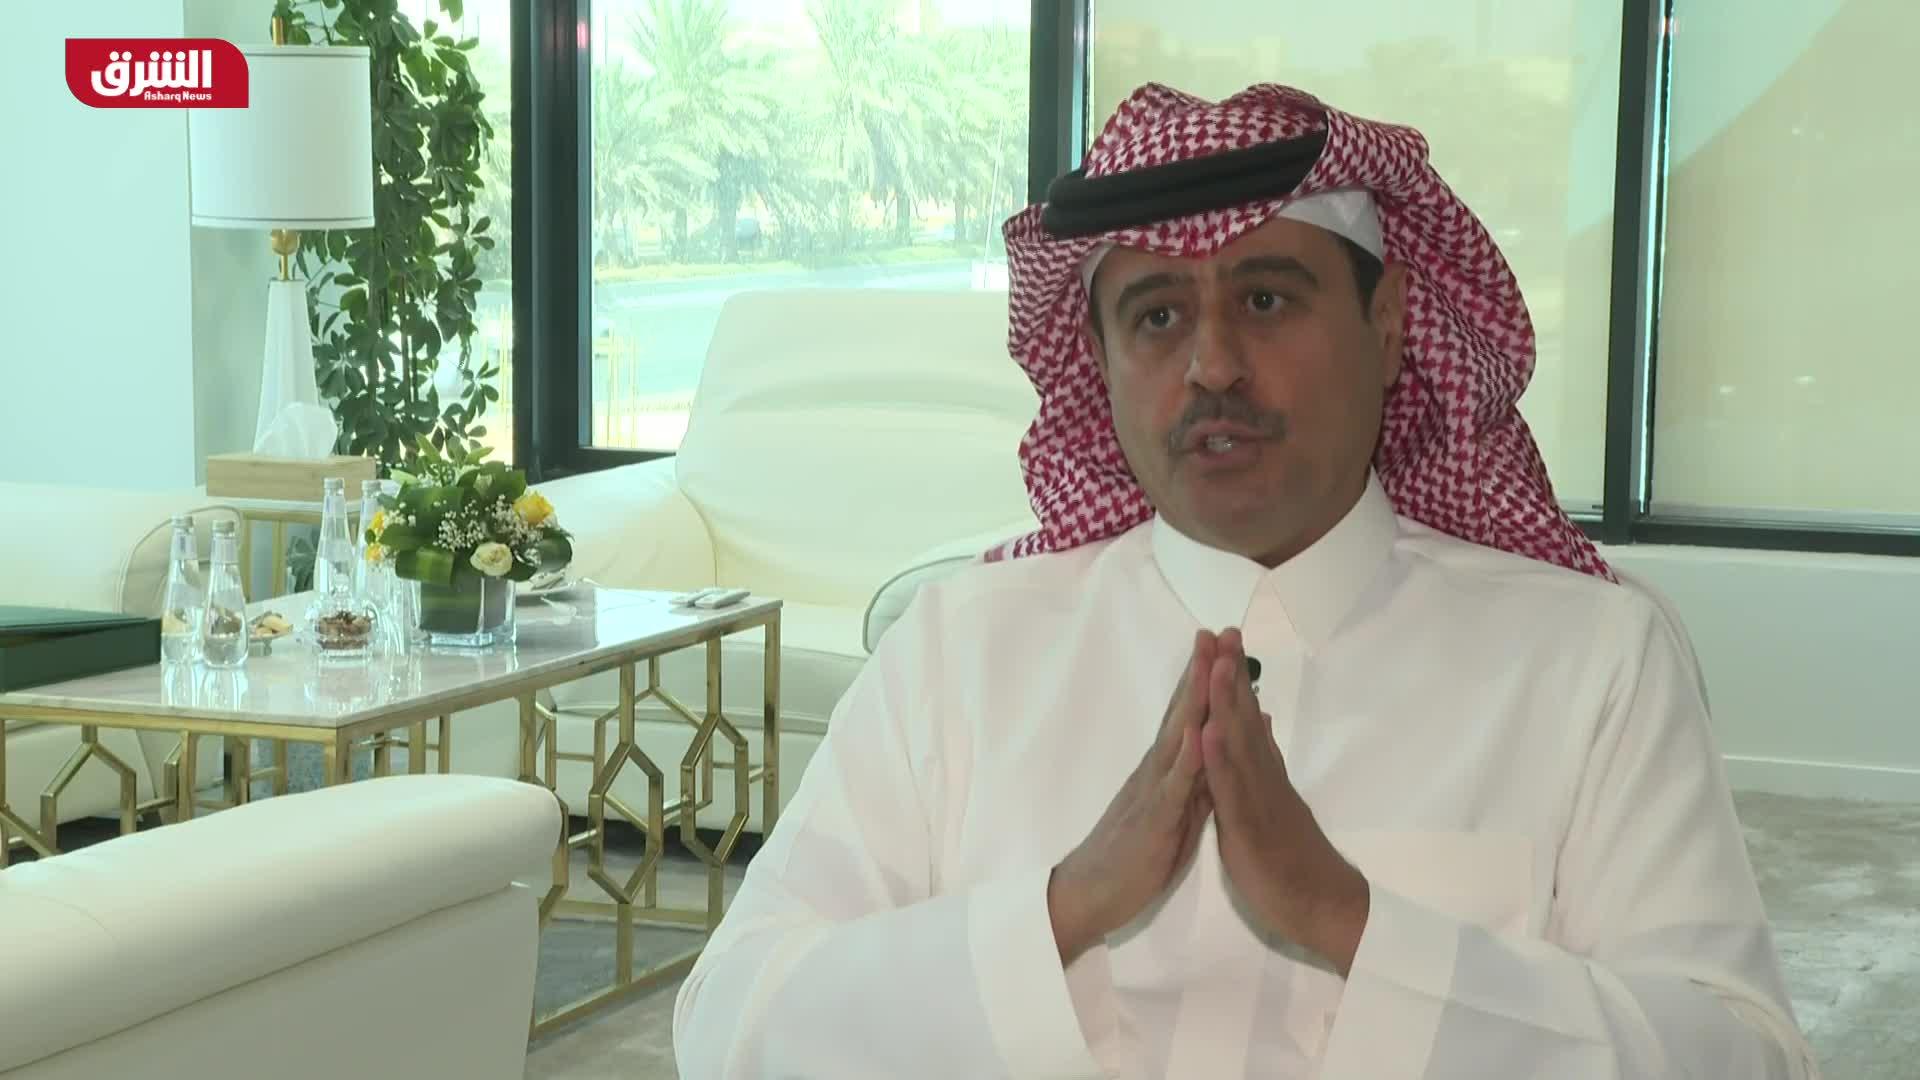 السعودية.. تسريع مسيرة التحول الرقمي